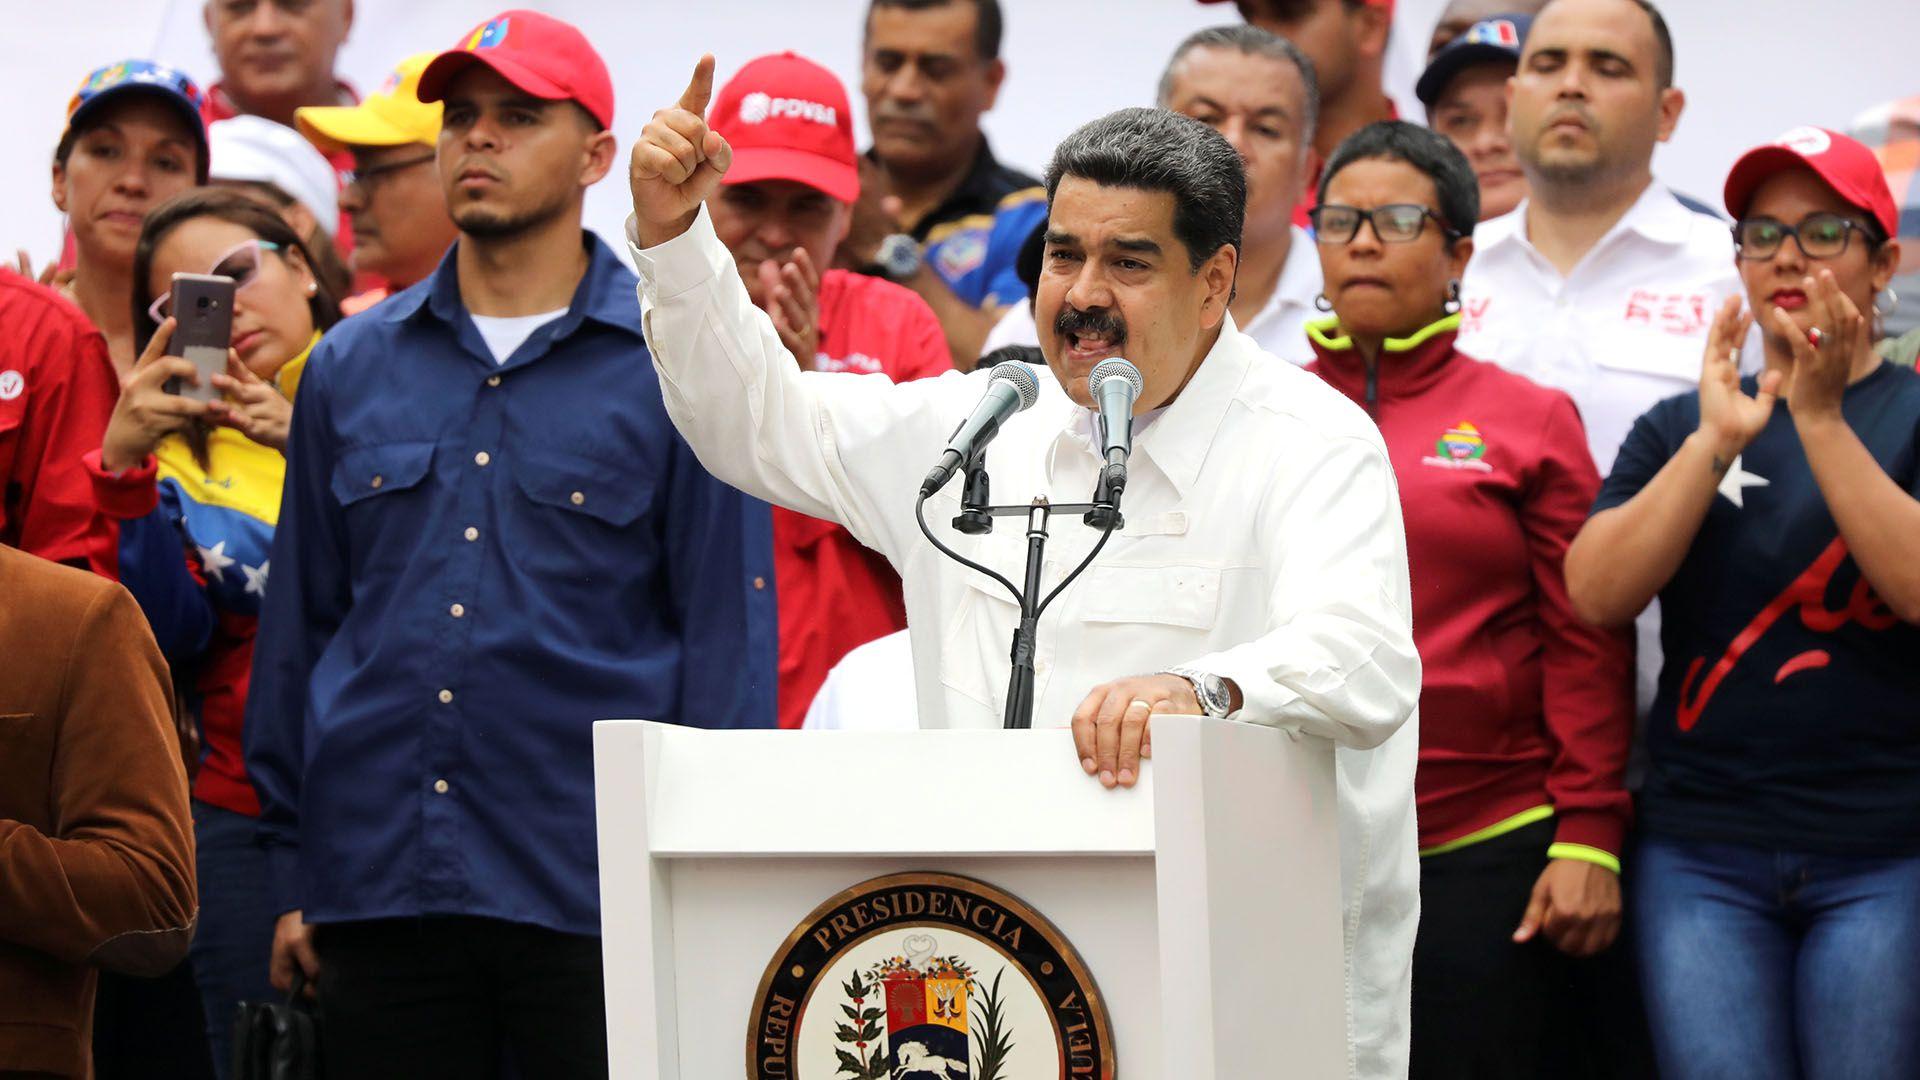 Nicolás Maduro en un acto en Caracas (REUTERS/Manaure Quintero)